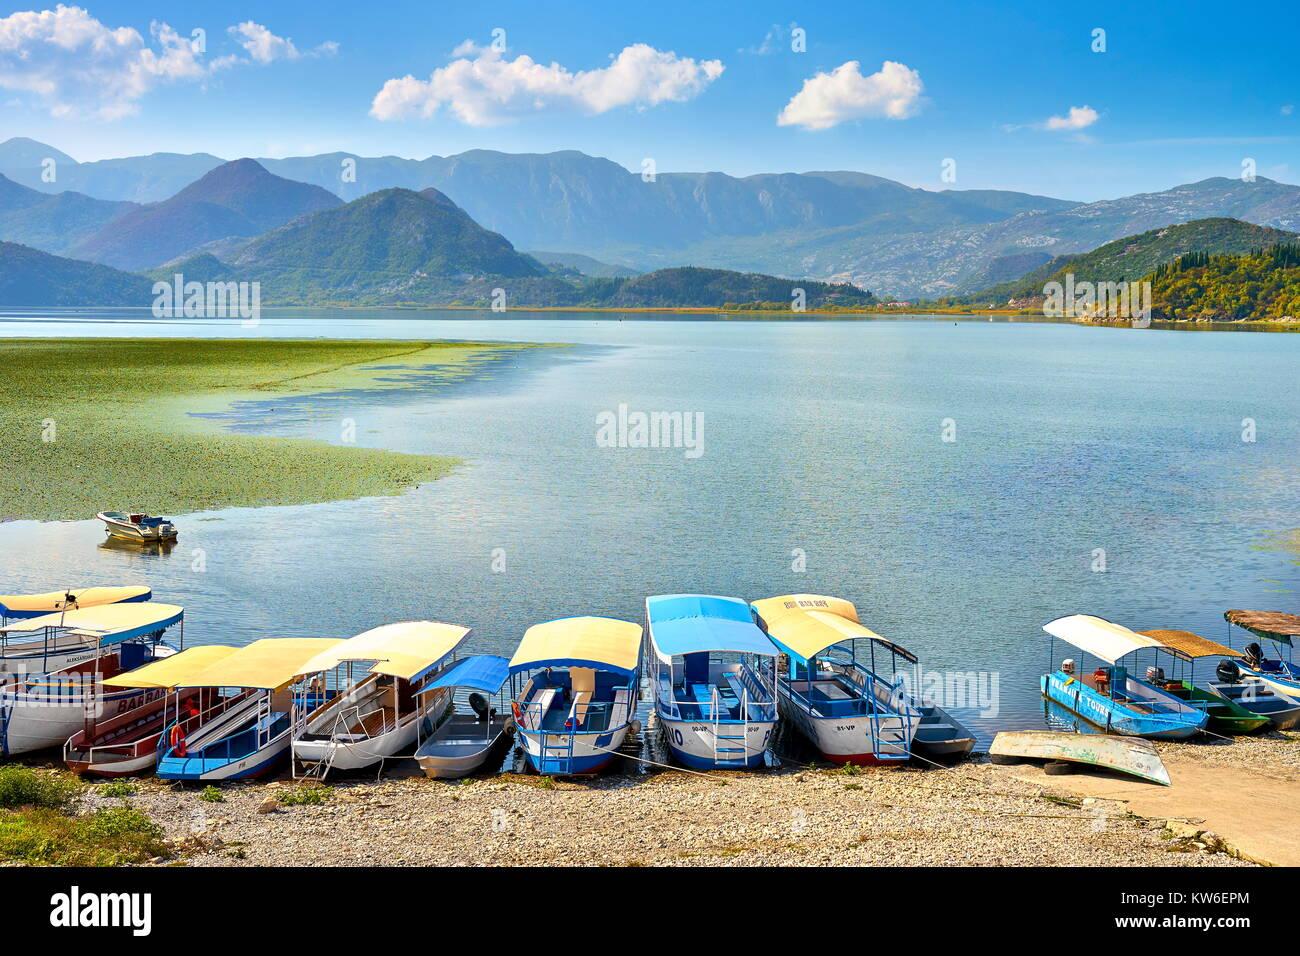 Excursiones barcos esperando turistas, el Lago Skadar, en Montenegro Imagen De Stock